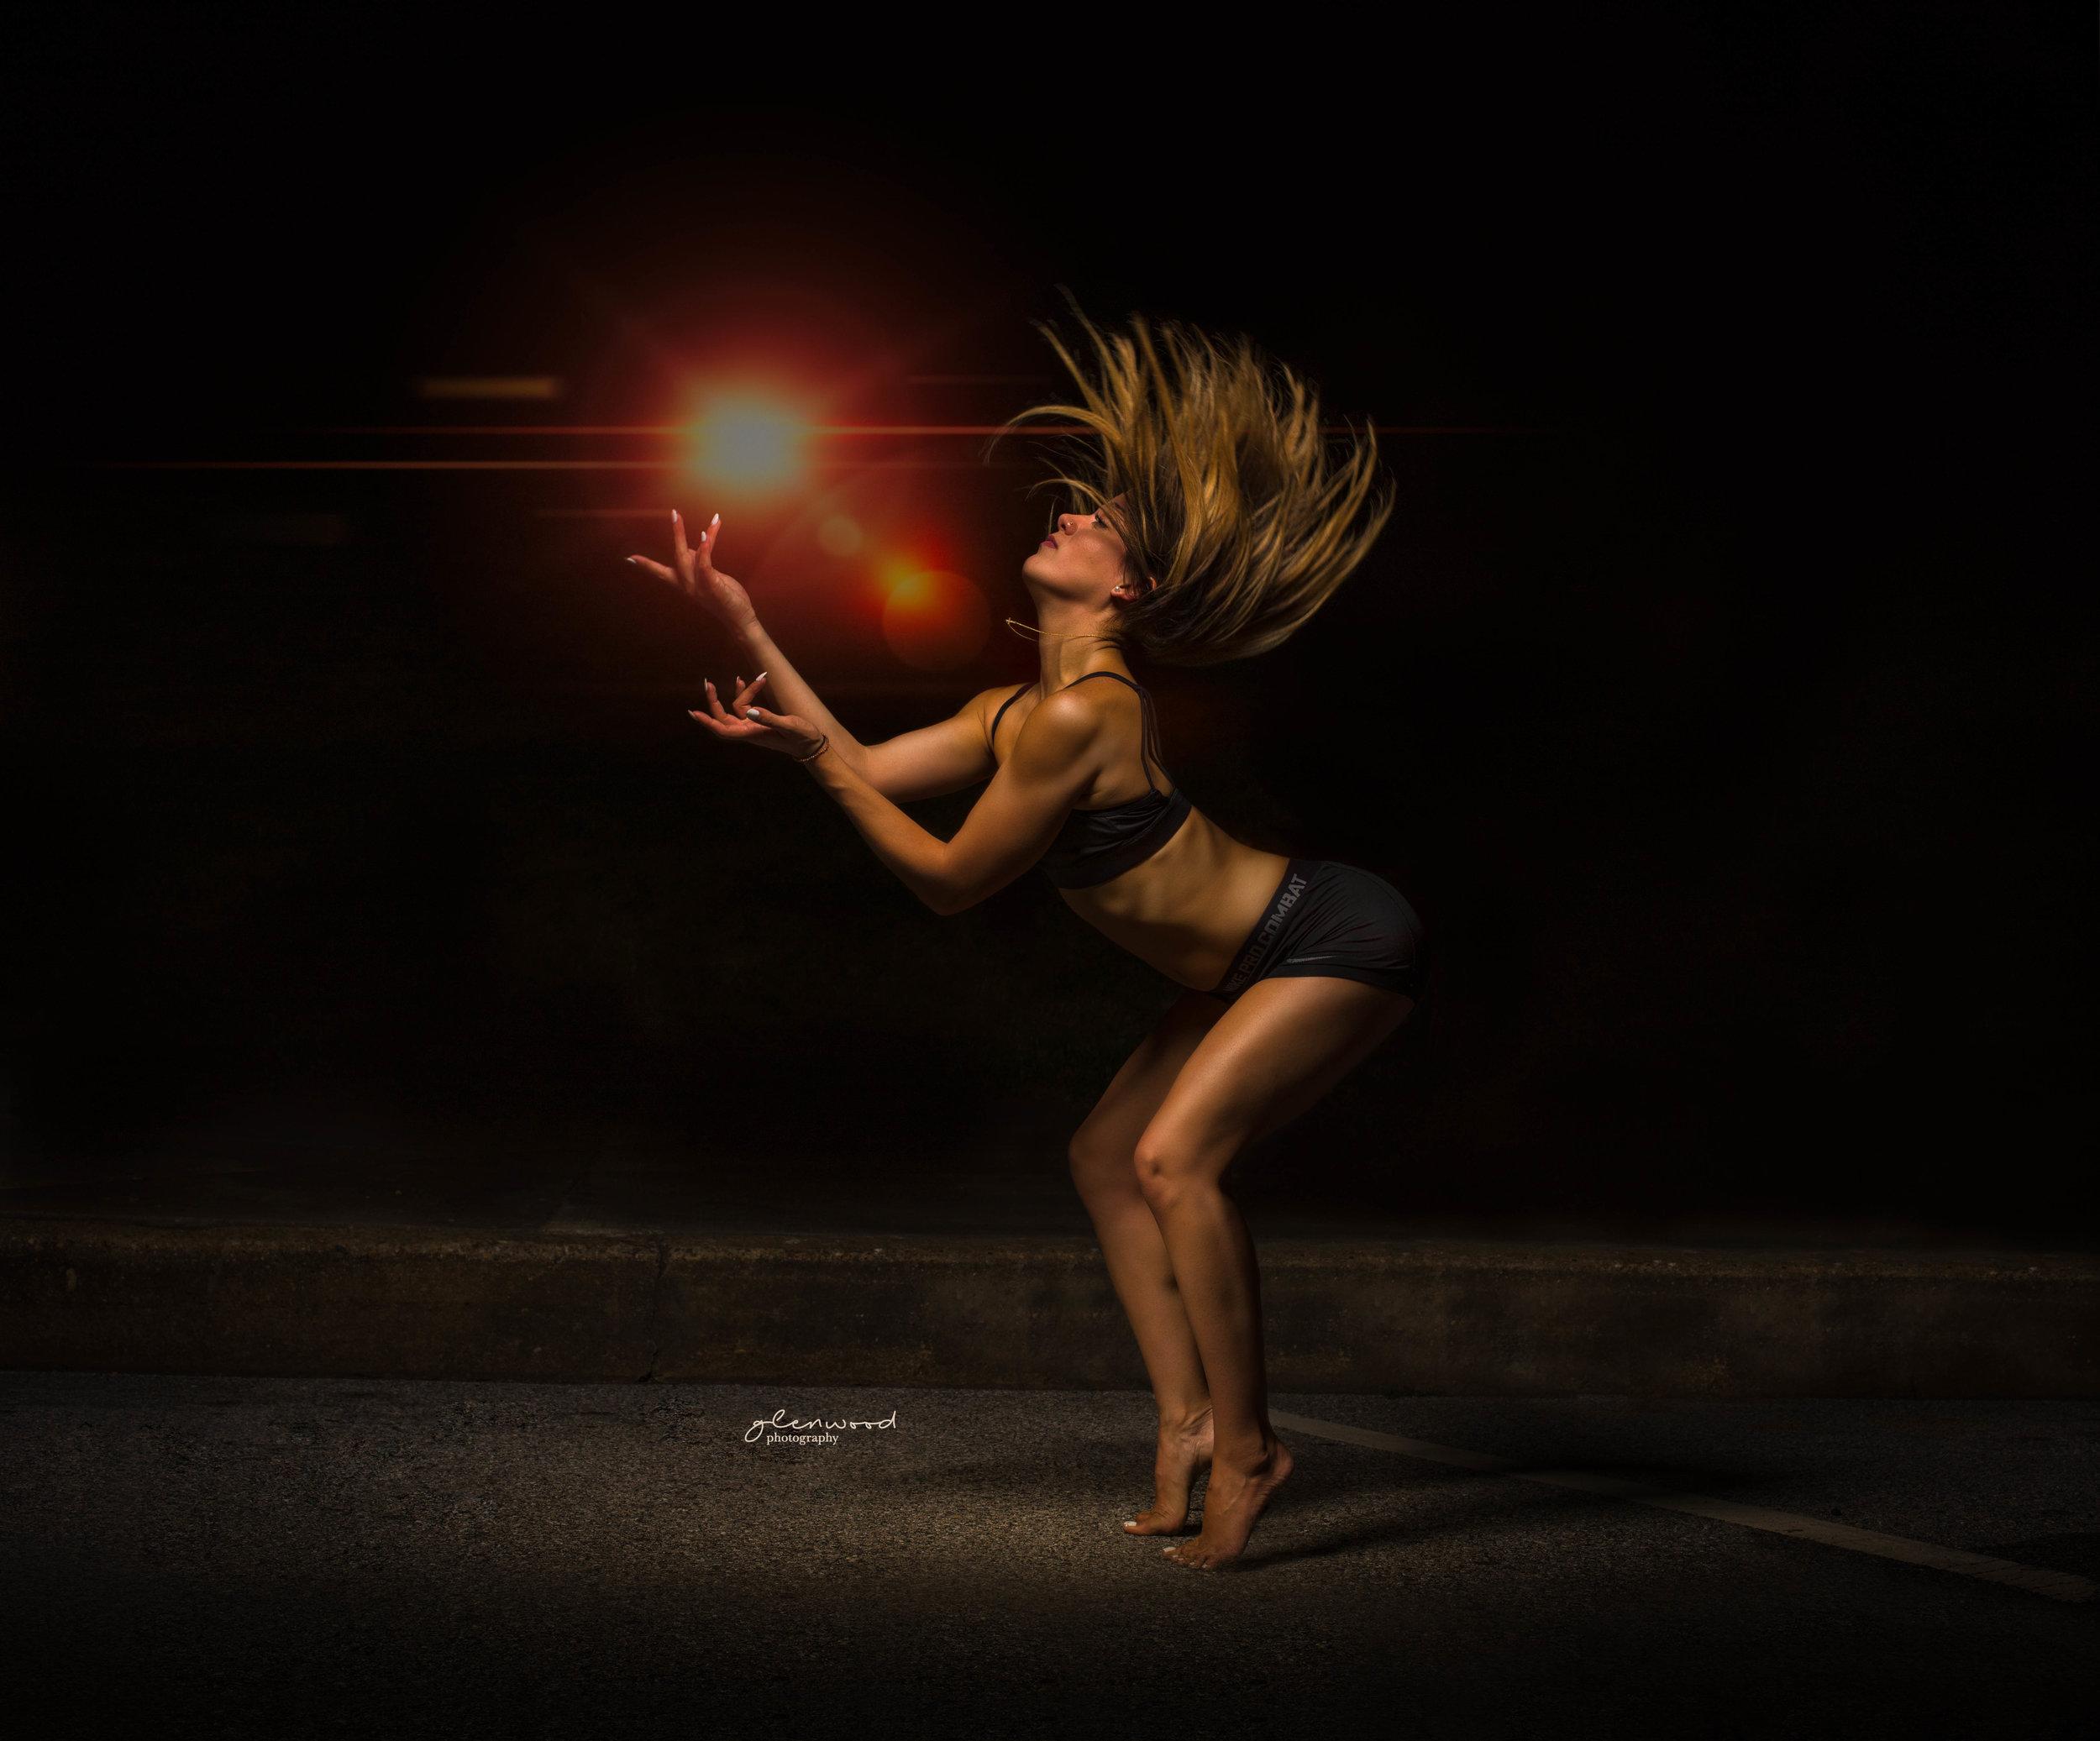 Fire-.jpg